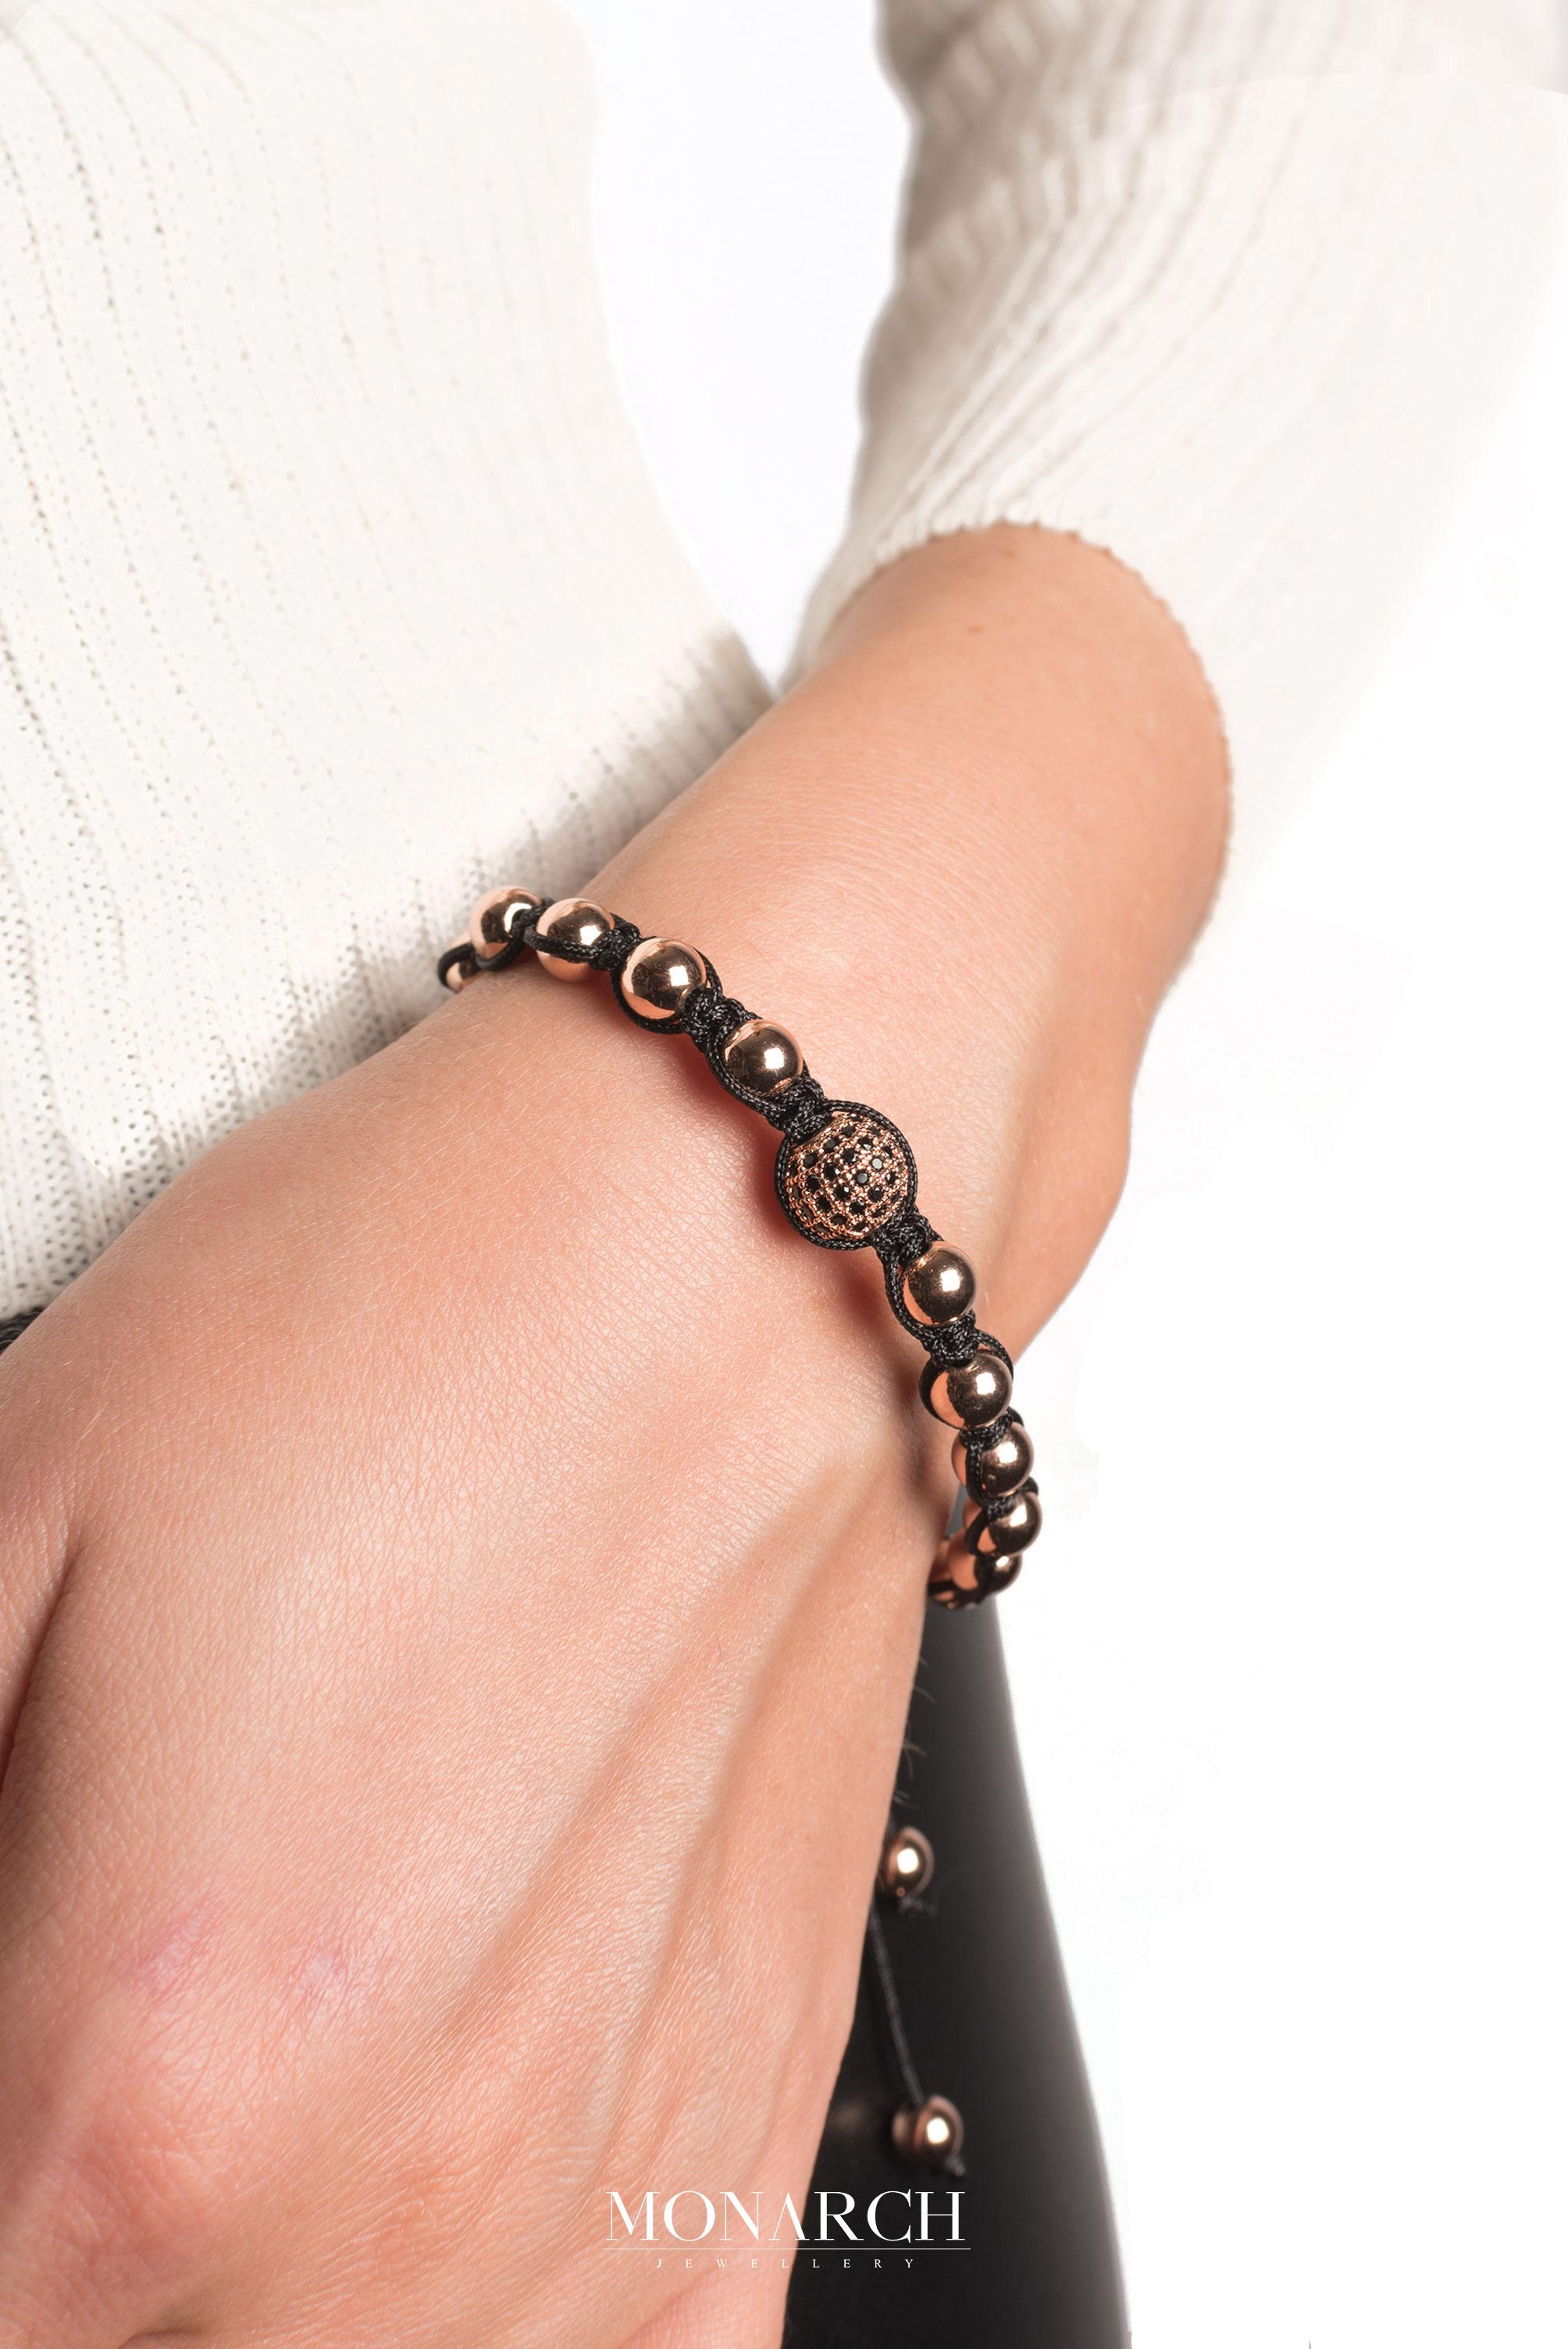 Monarch Jewellery Luxury Bracelet MA42GRBD women